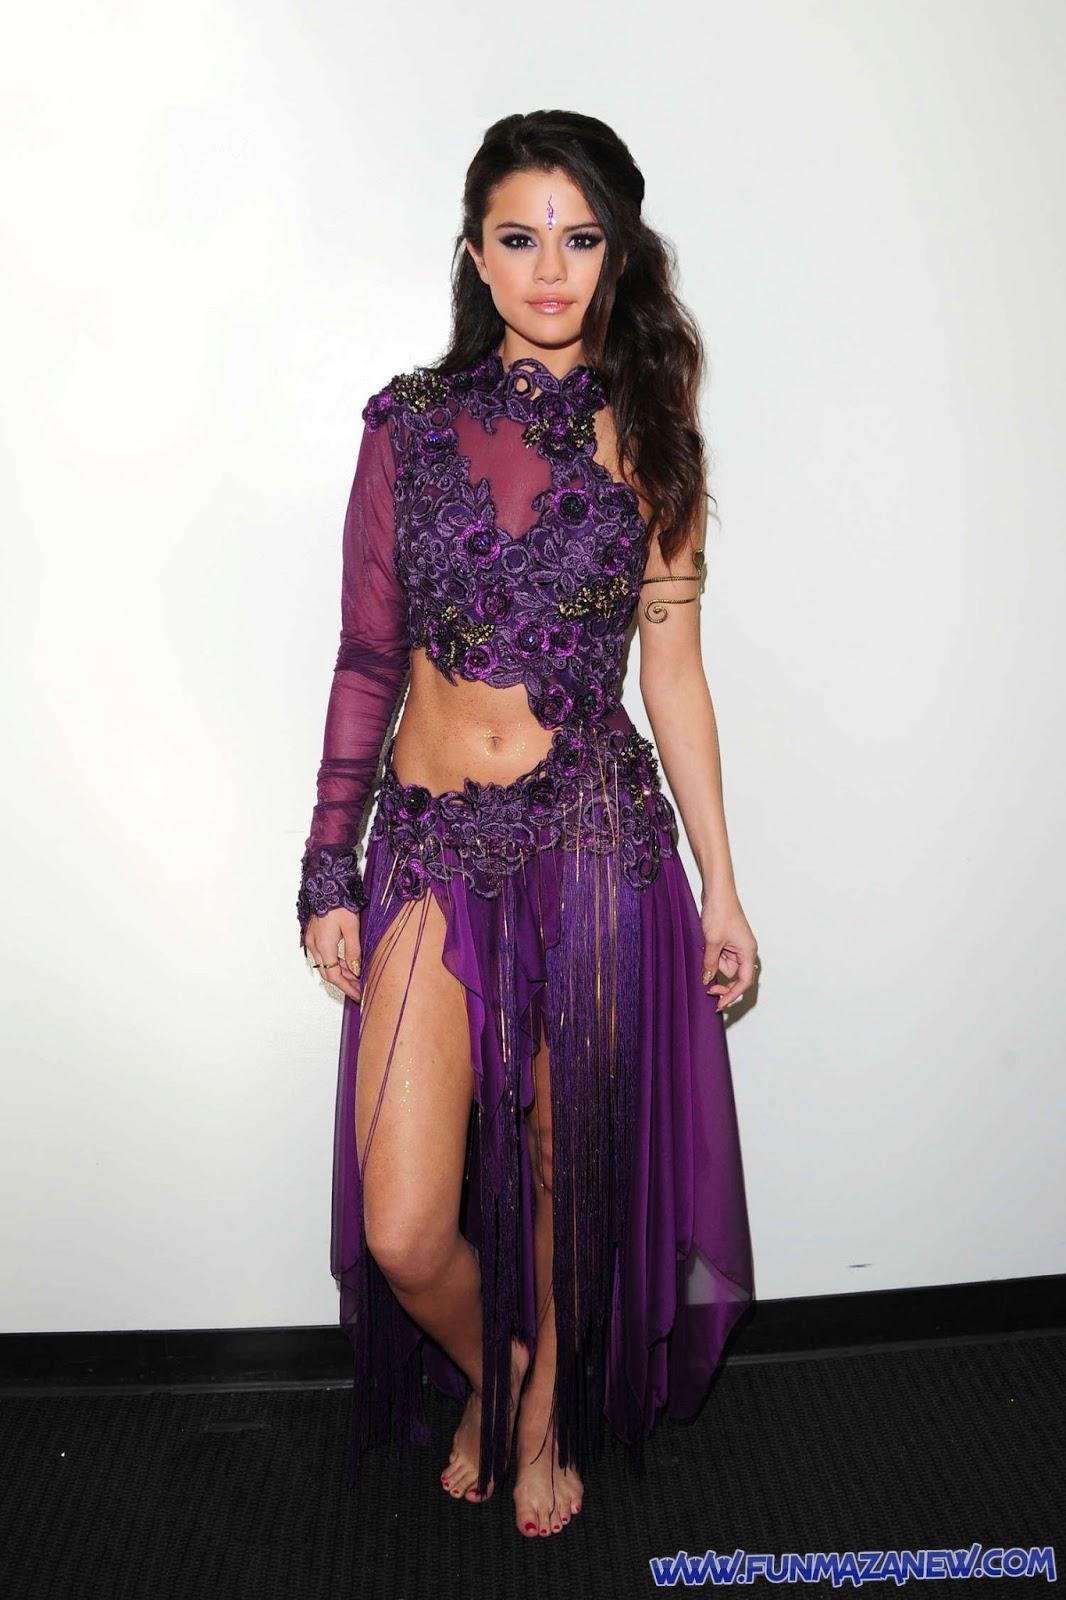 http://4.bp.blogspot.com/--xtNjlU9DmQ/UYpYnk6Yh3I/AAAAAAAAAzc/9R8Dy82RHSk/s1600/Selena-Gomez-9311+www.funmazanew.com.jpg